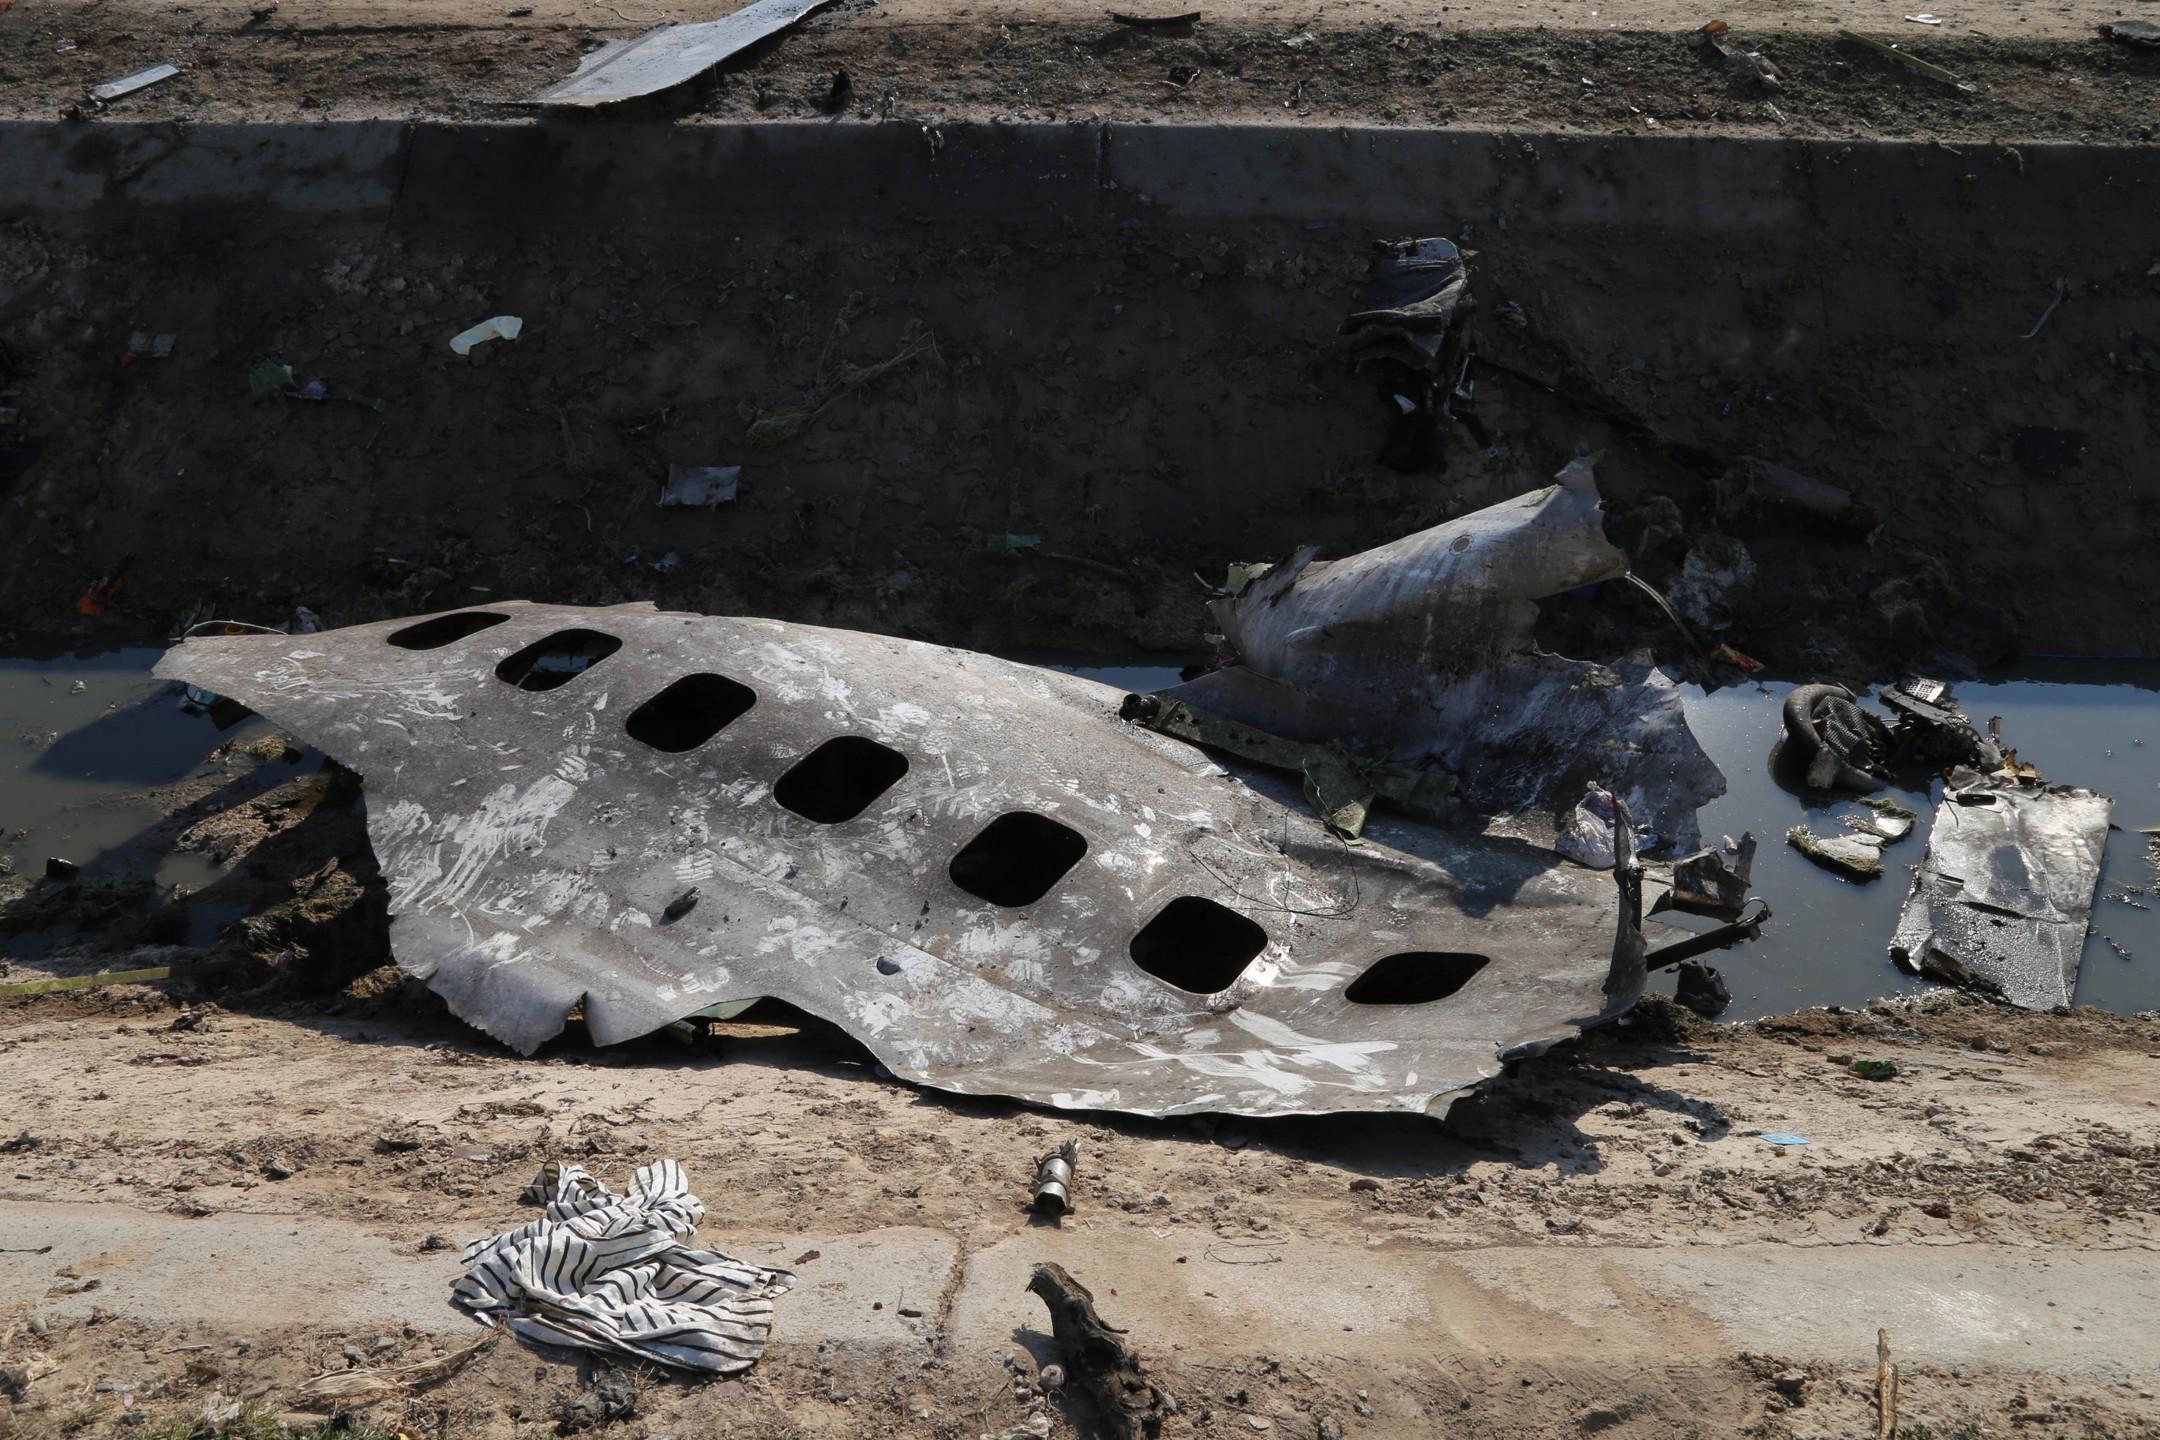 Малькевич обвинил Украину и США в крушении боинга над Ираном